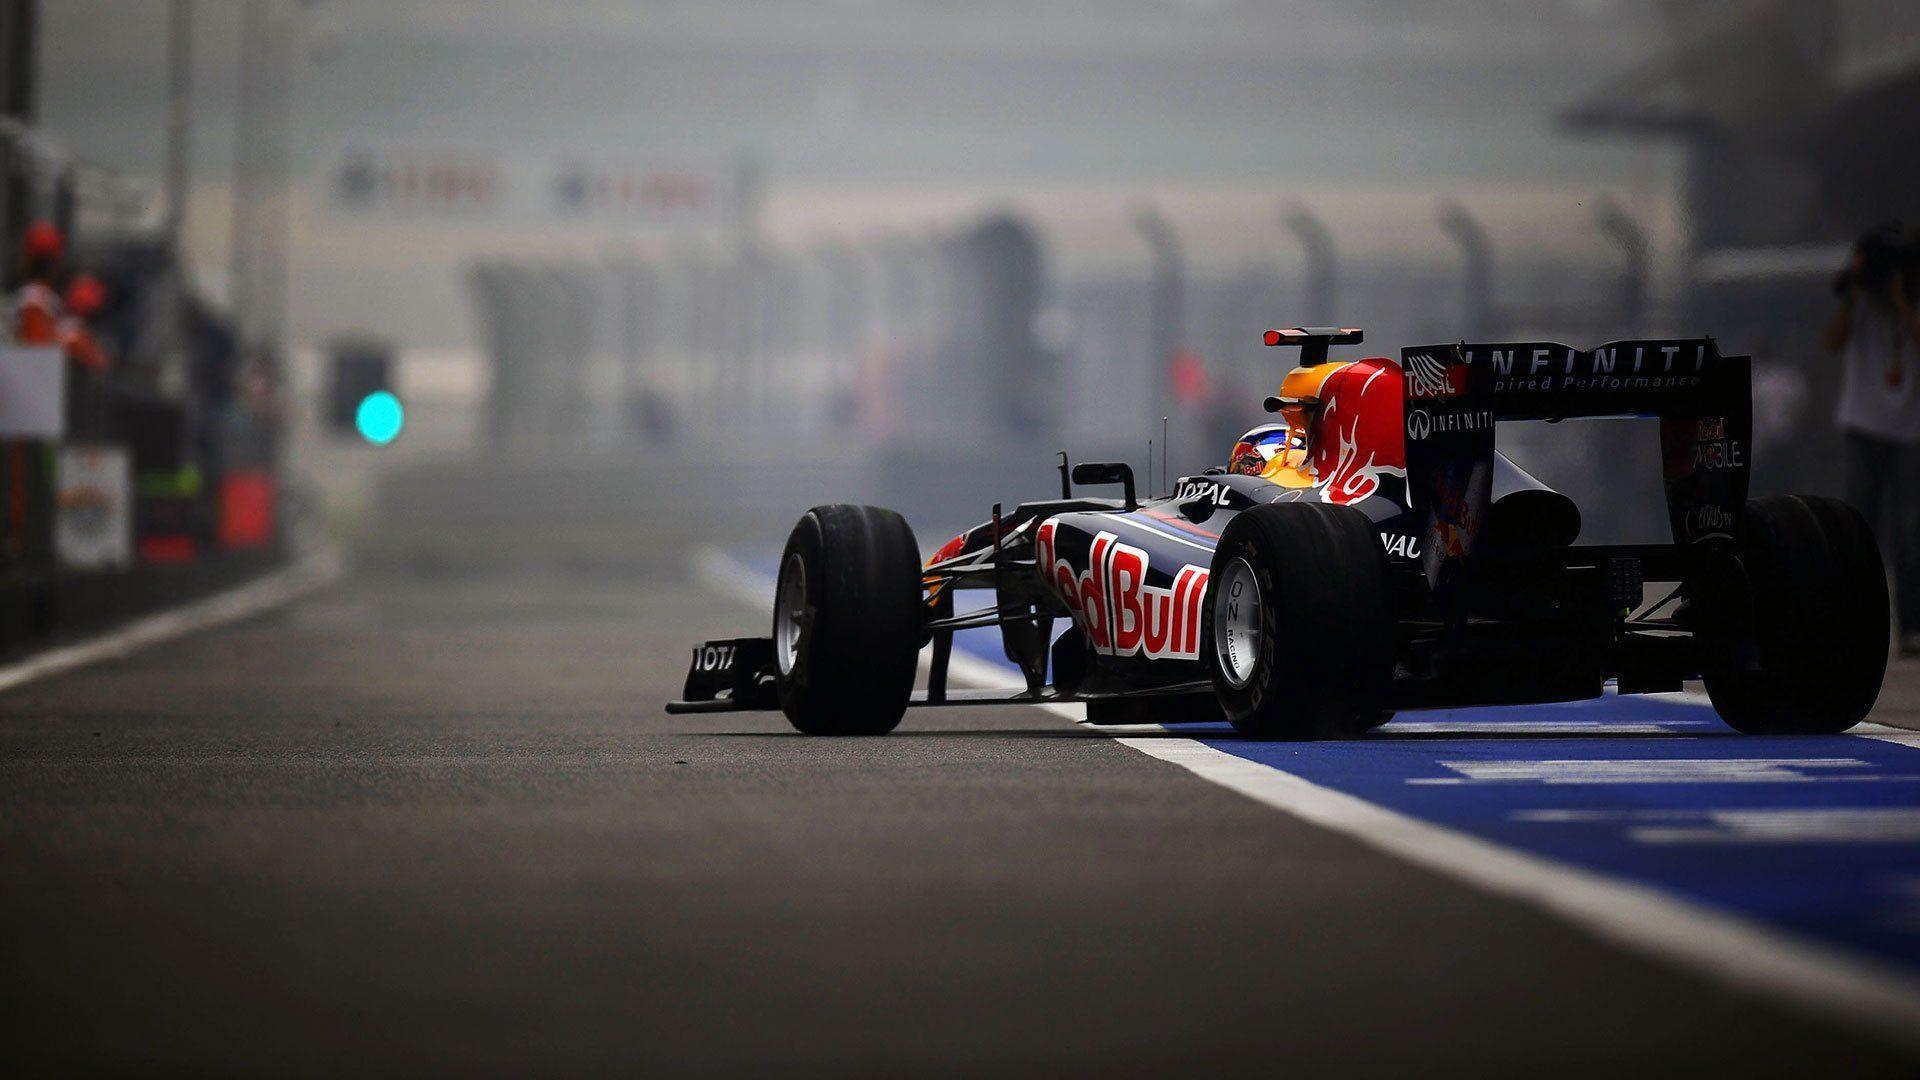 Formula 1 Hd Wallpapers Wallpaper Cave